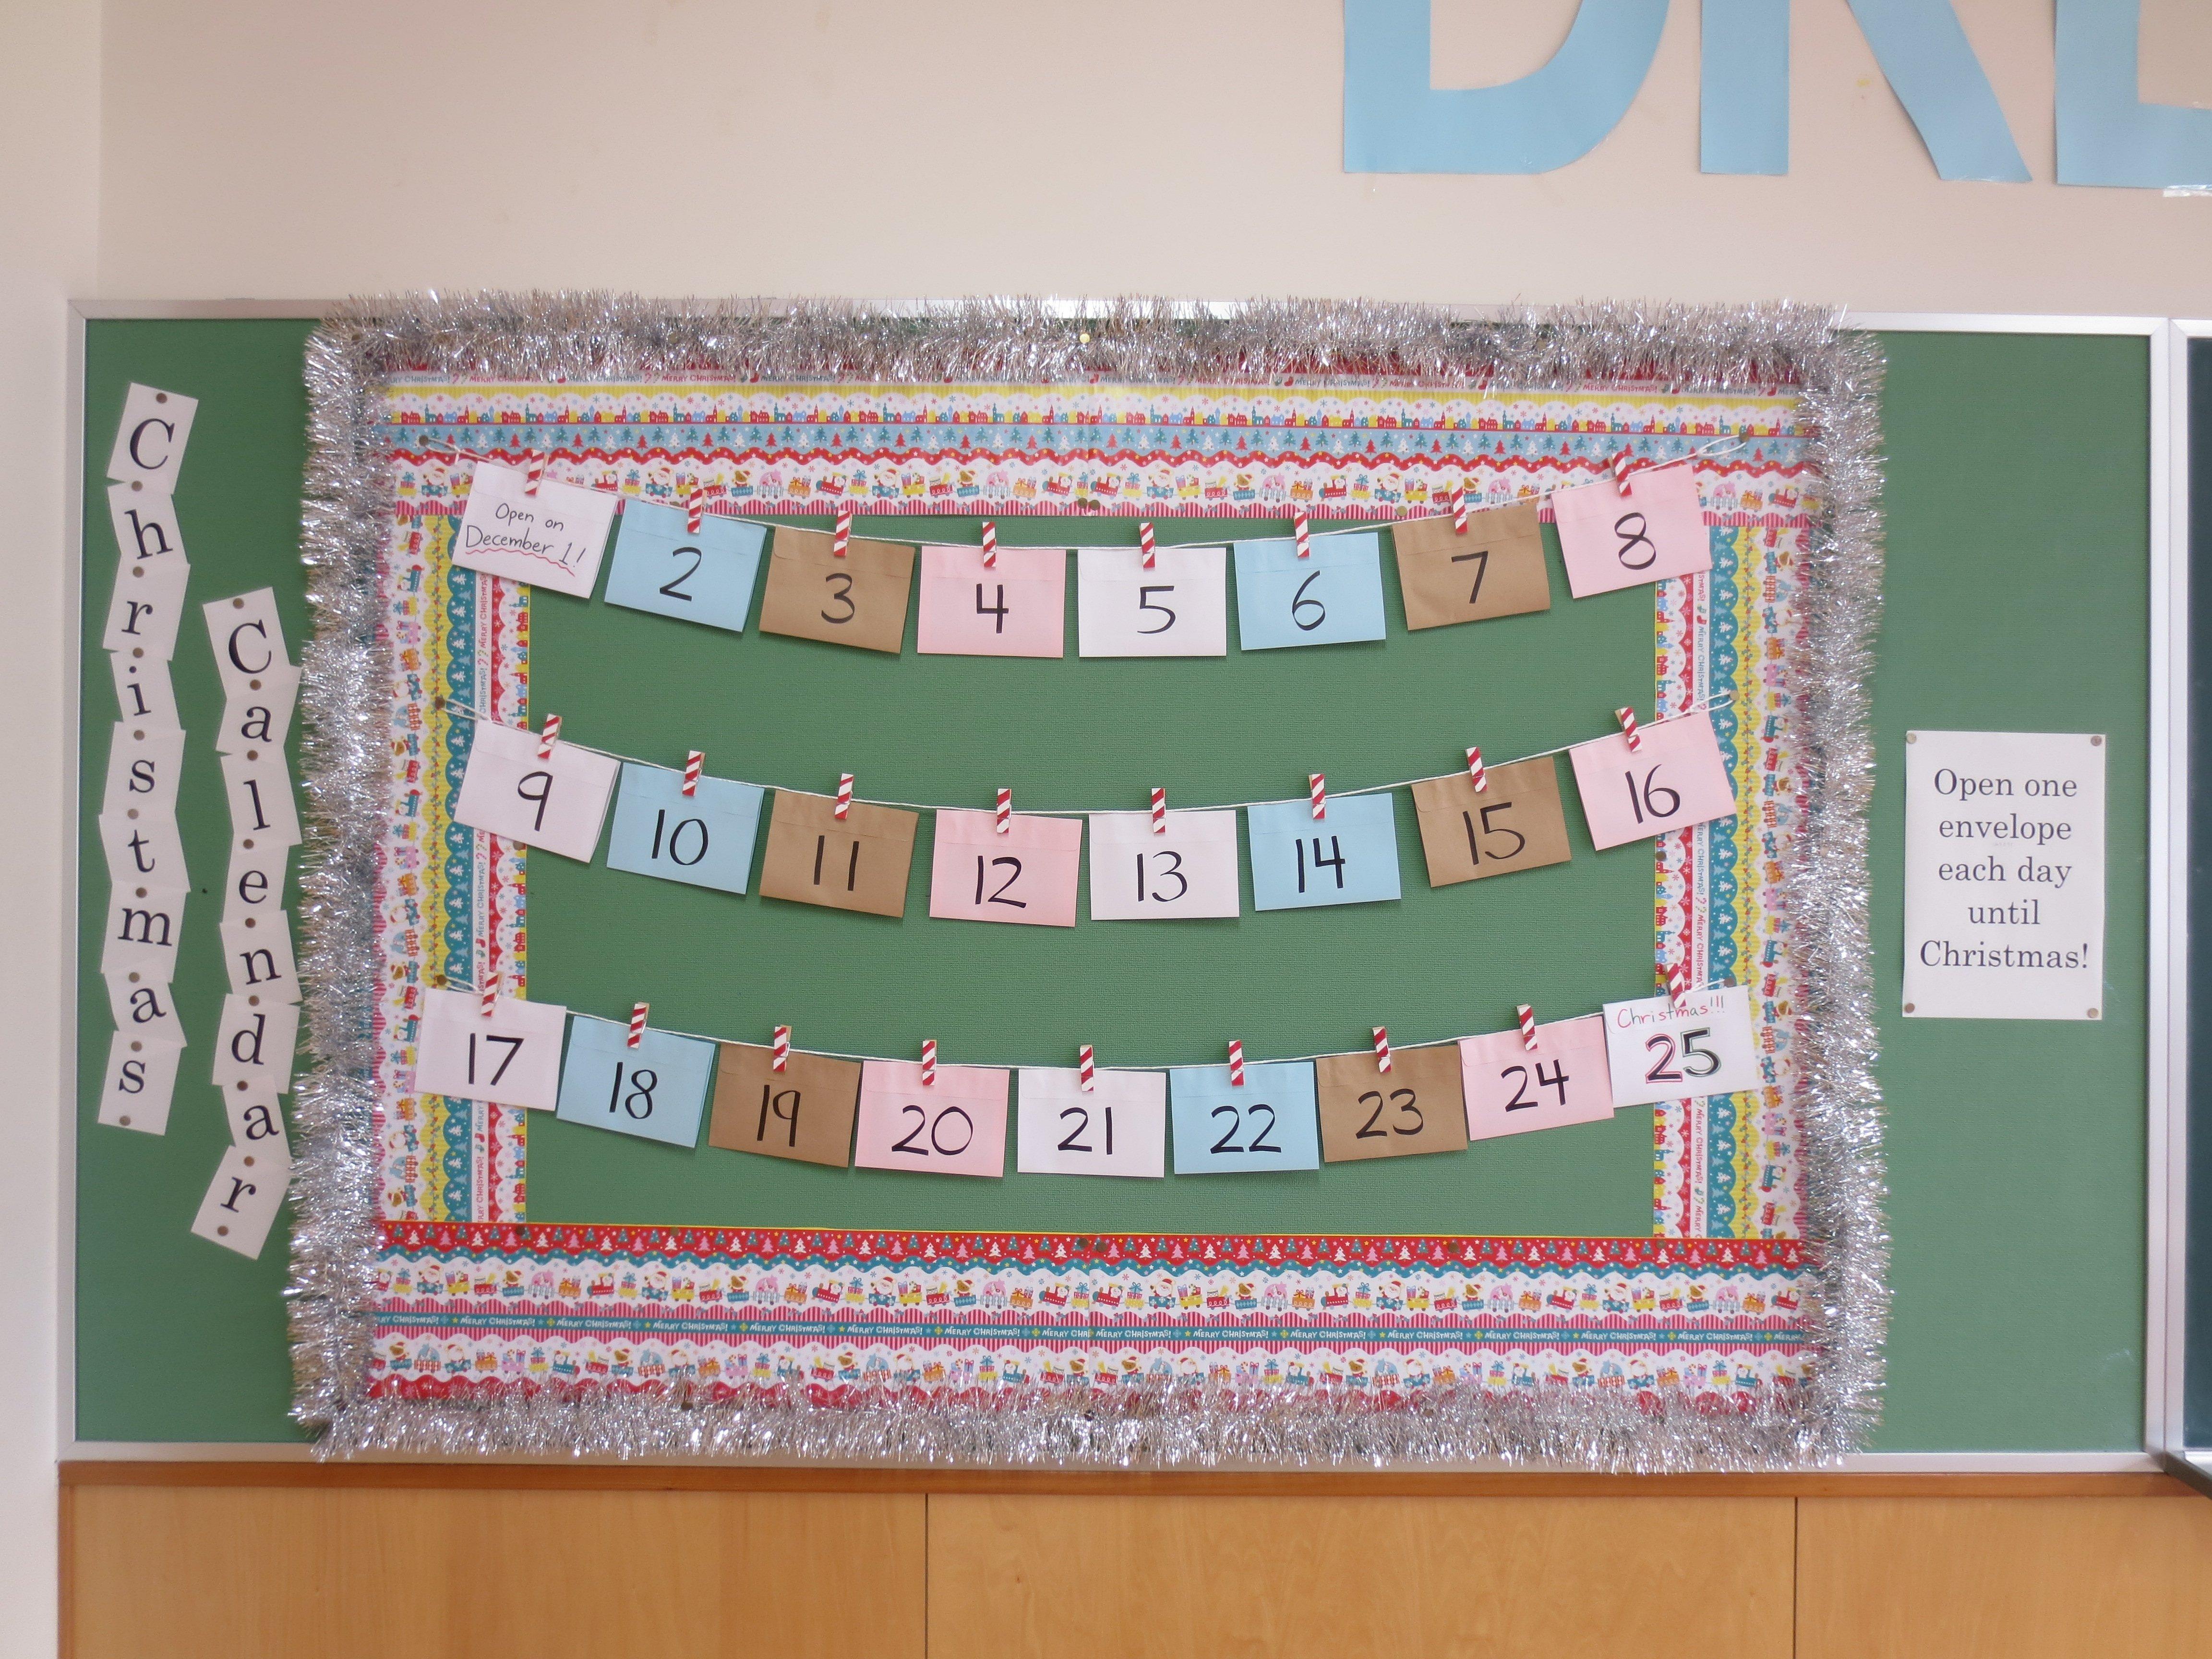 10 Best Middle School Bulletin Board Ideas simple english bulletin board ideas e7b4a0e695b5e381aae383a9e382a4e38395 3 2020